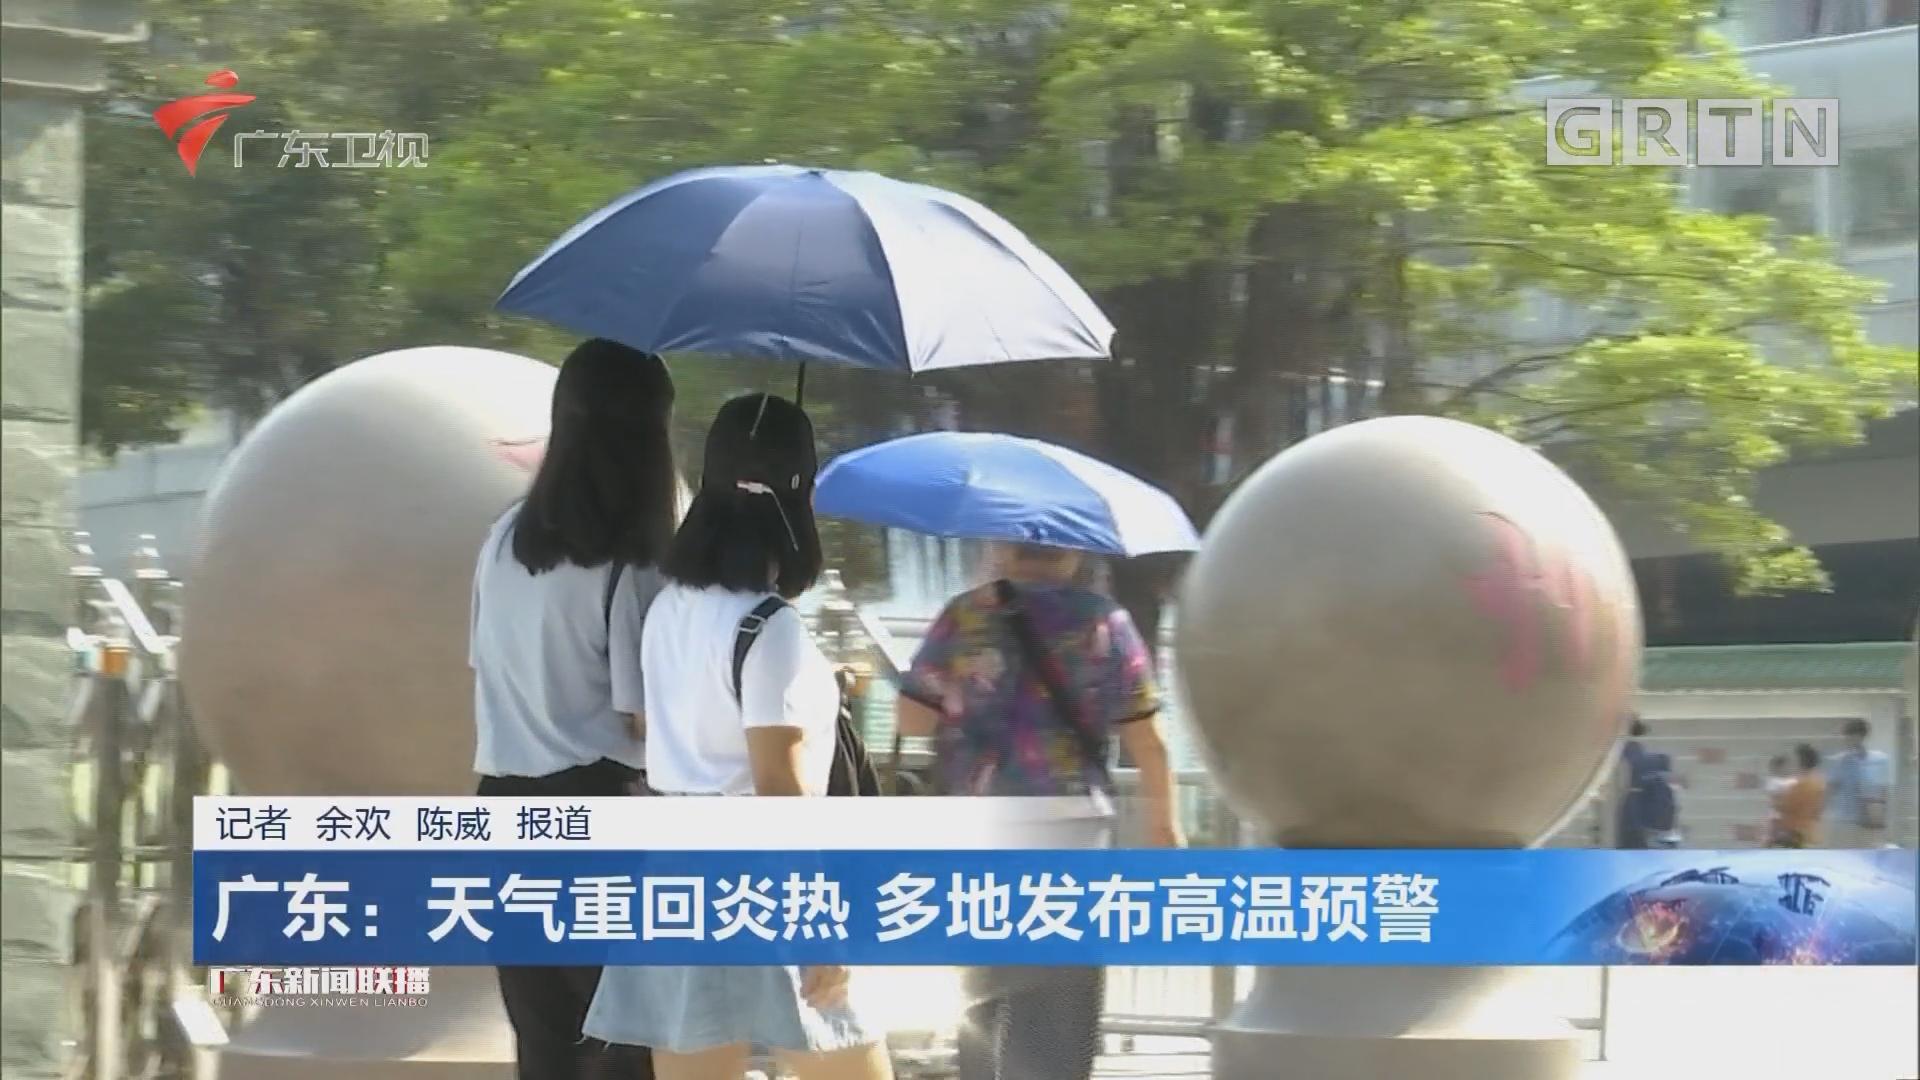 广东:天气重回炎热 多地发布高温预警